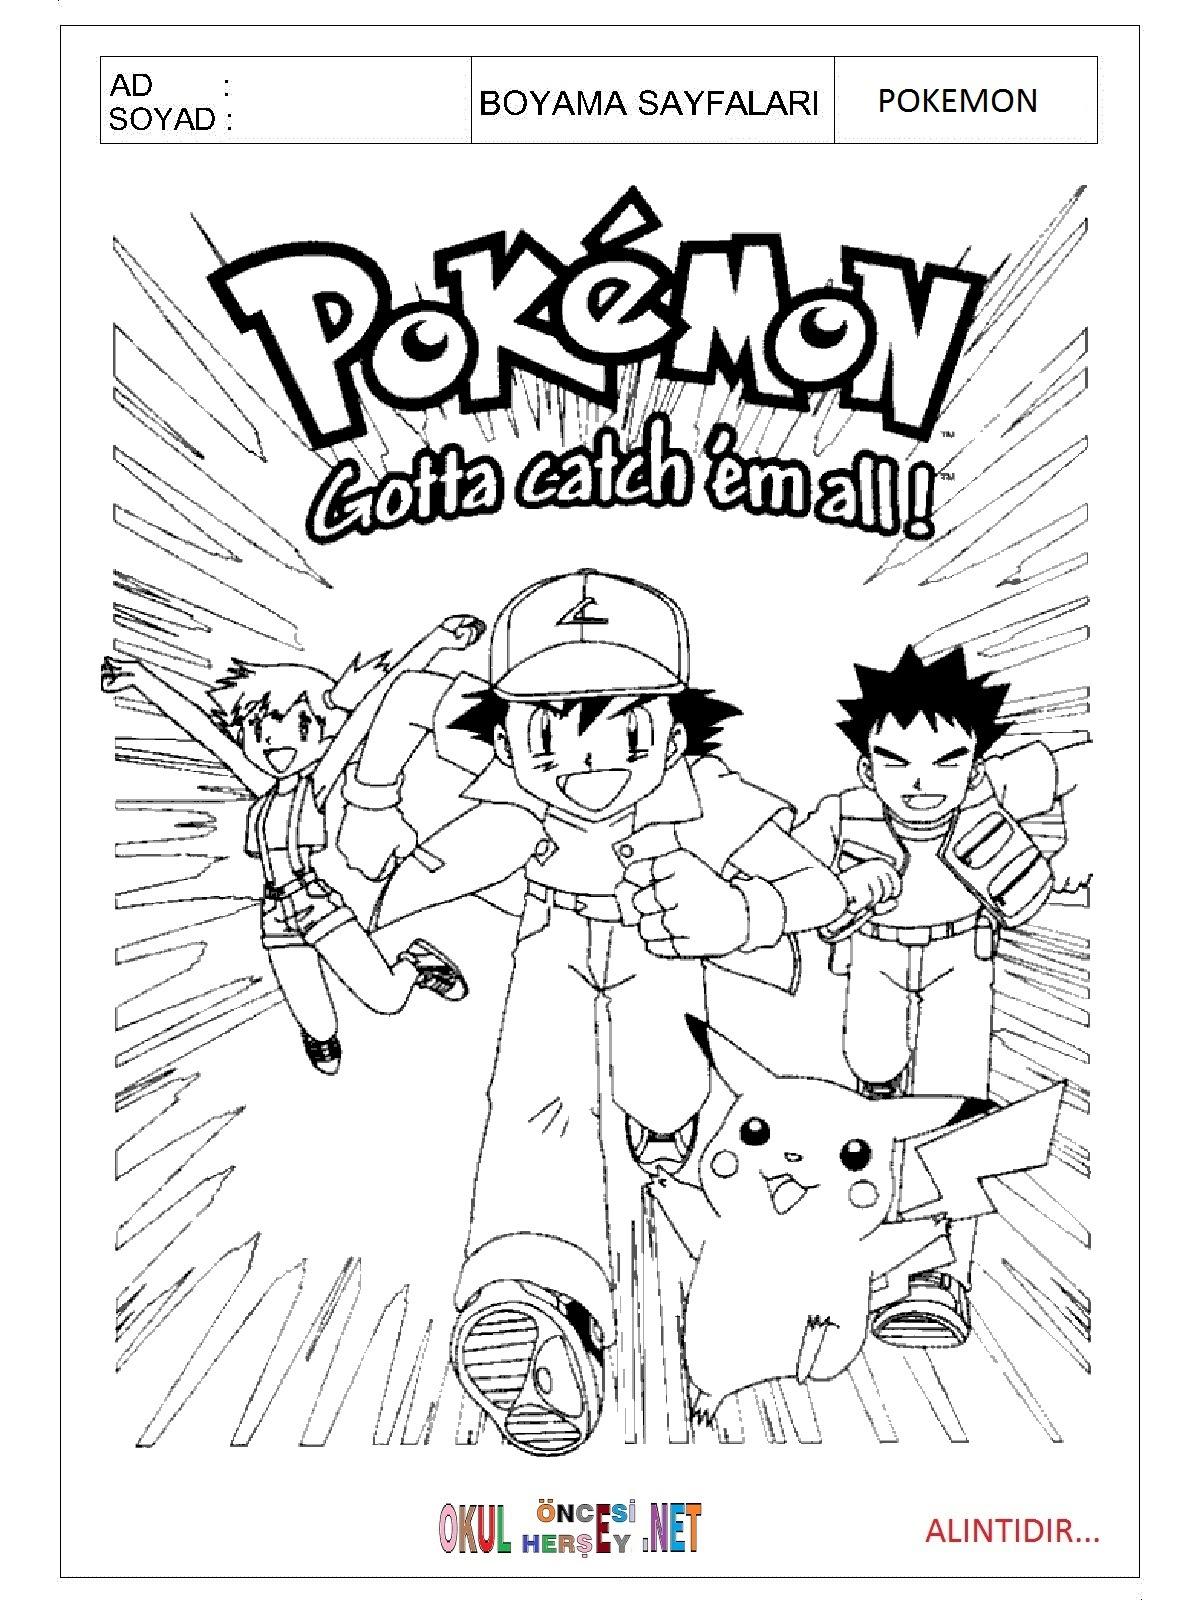 Pokemon Boyama Sayfalari